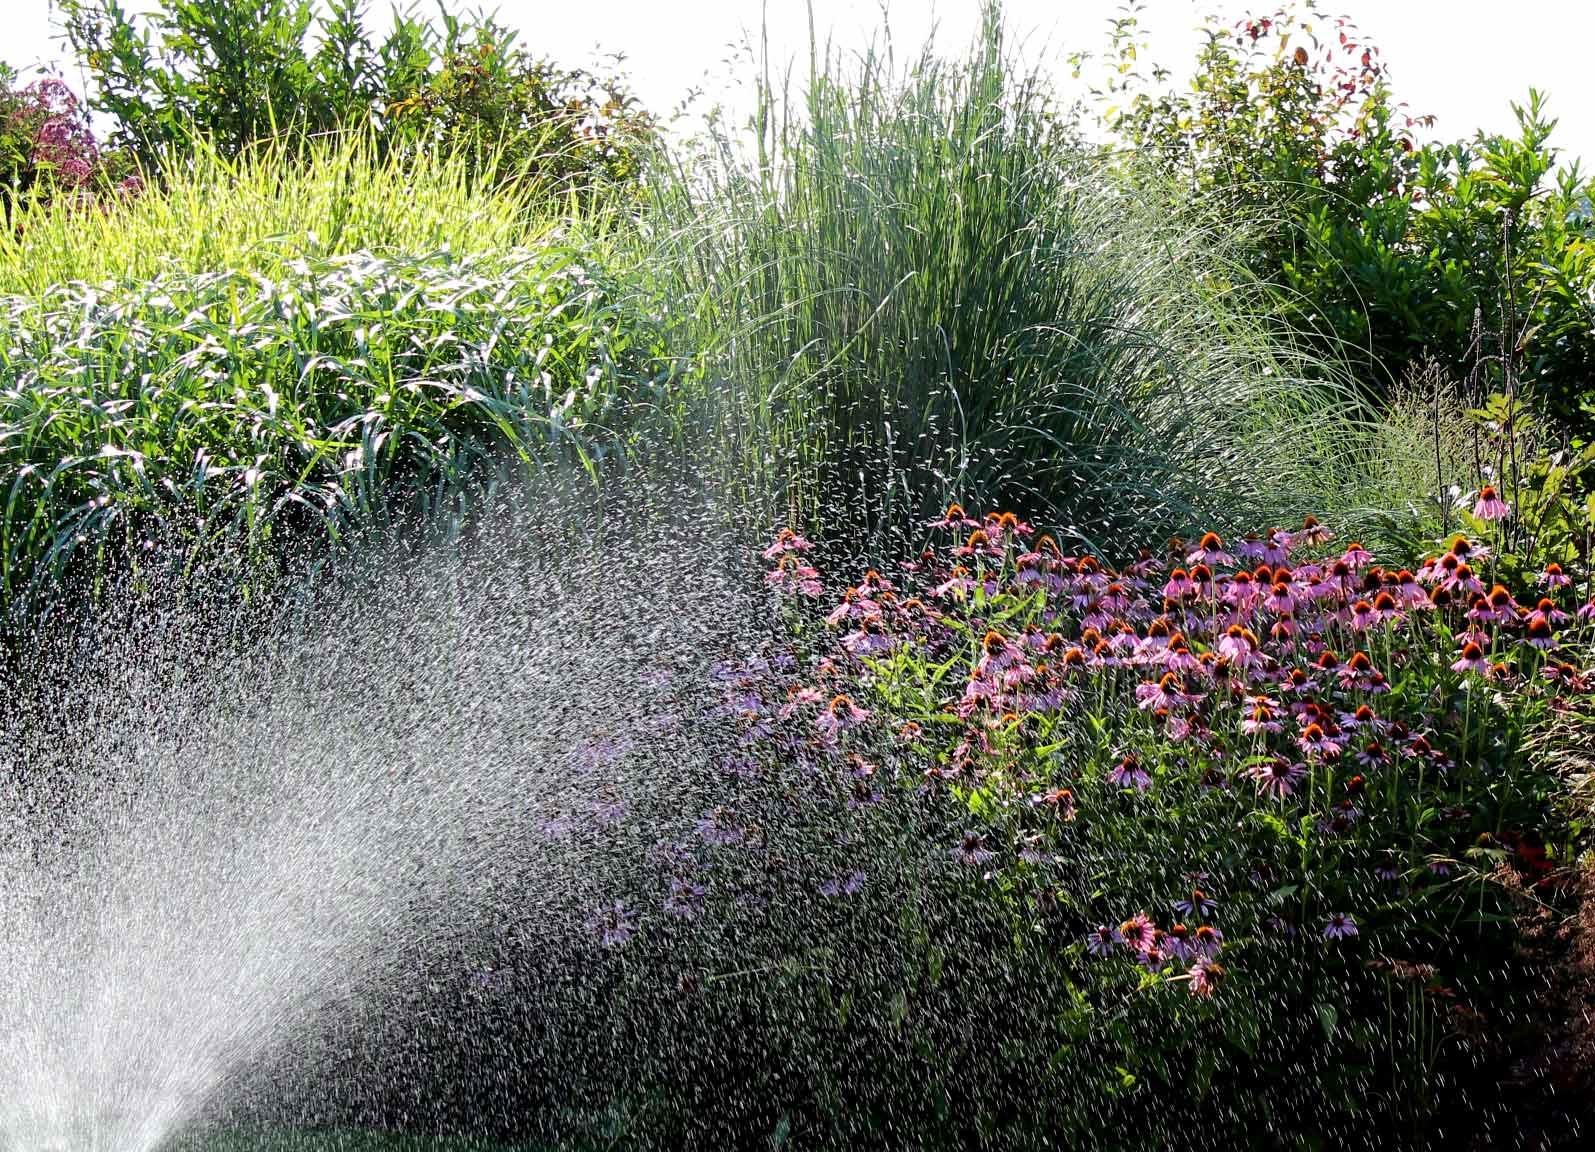 Afbeeldingsresultaat voor droogte van de tuin in de zomer